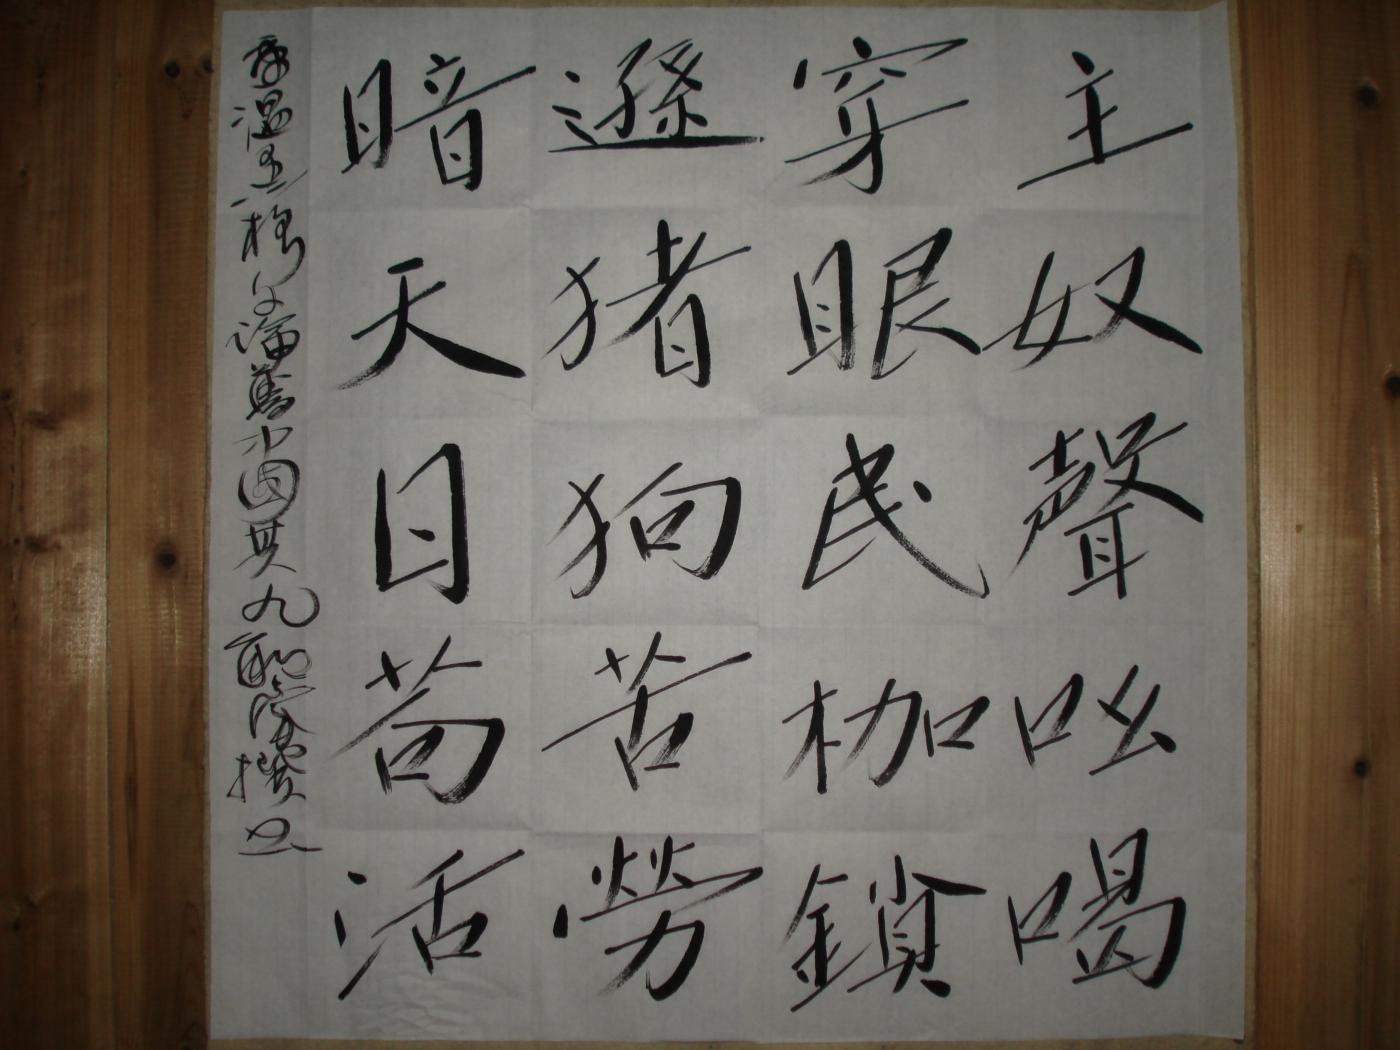 徐敏豪诗五绝3则真榜书2尺生宣斗方3幅(192)_图1-3